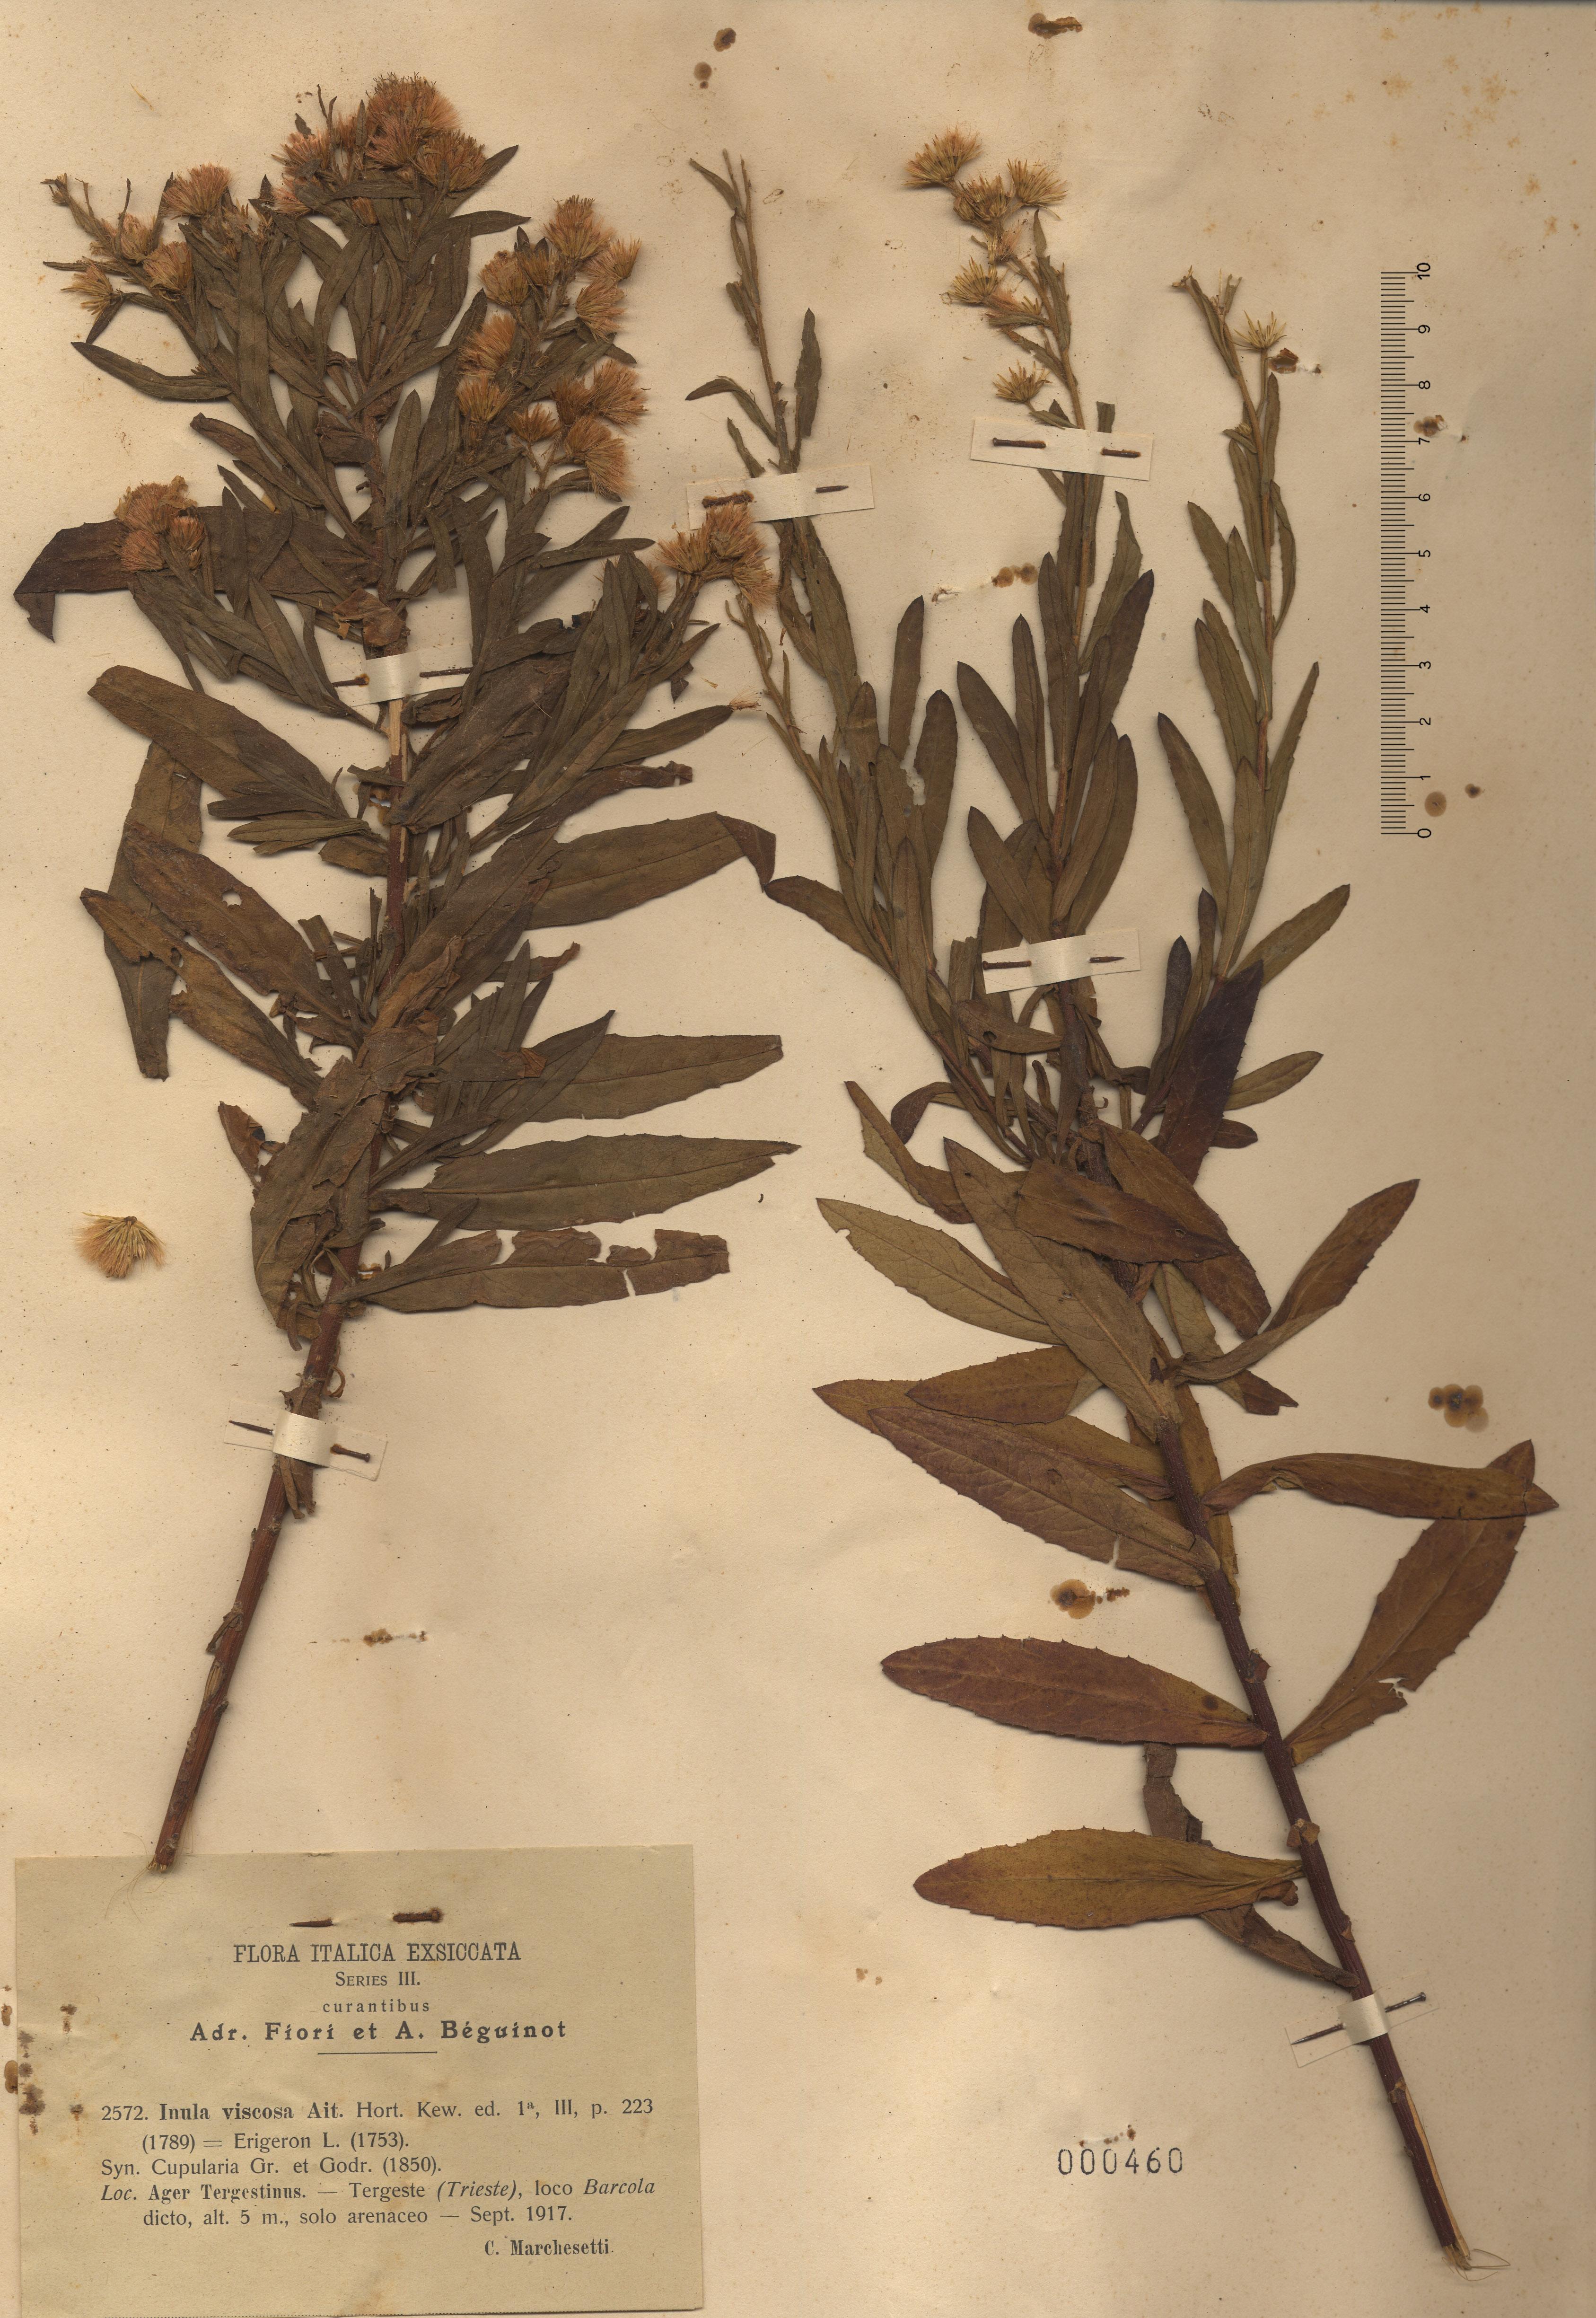 © Hortus Botanicus Catinensis - Herb. sheet 000460<br>